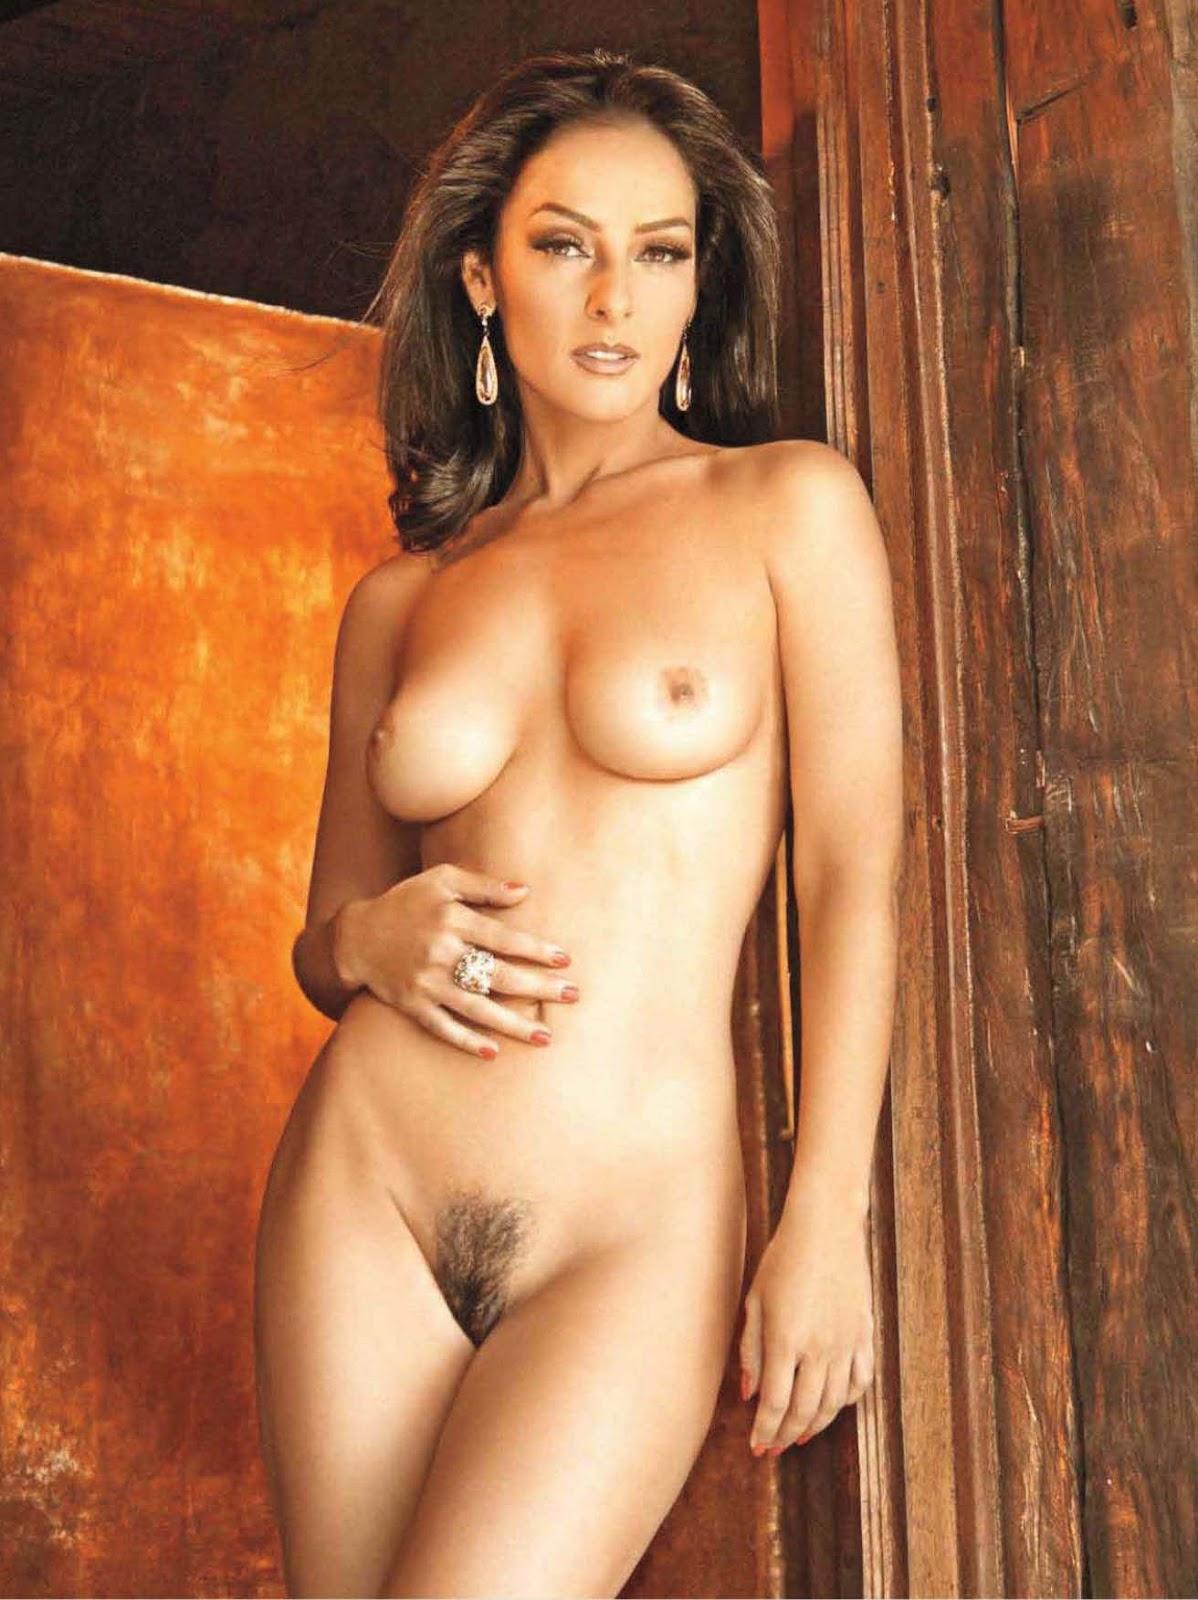 Andrea garcia nude playboy